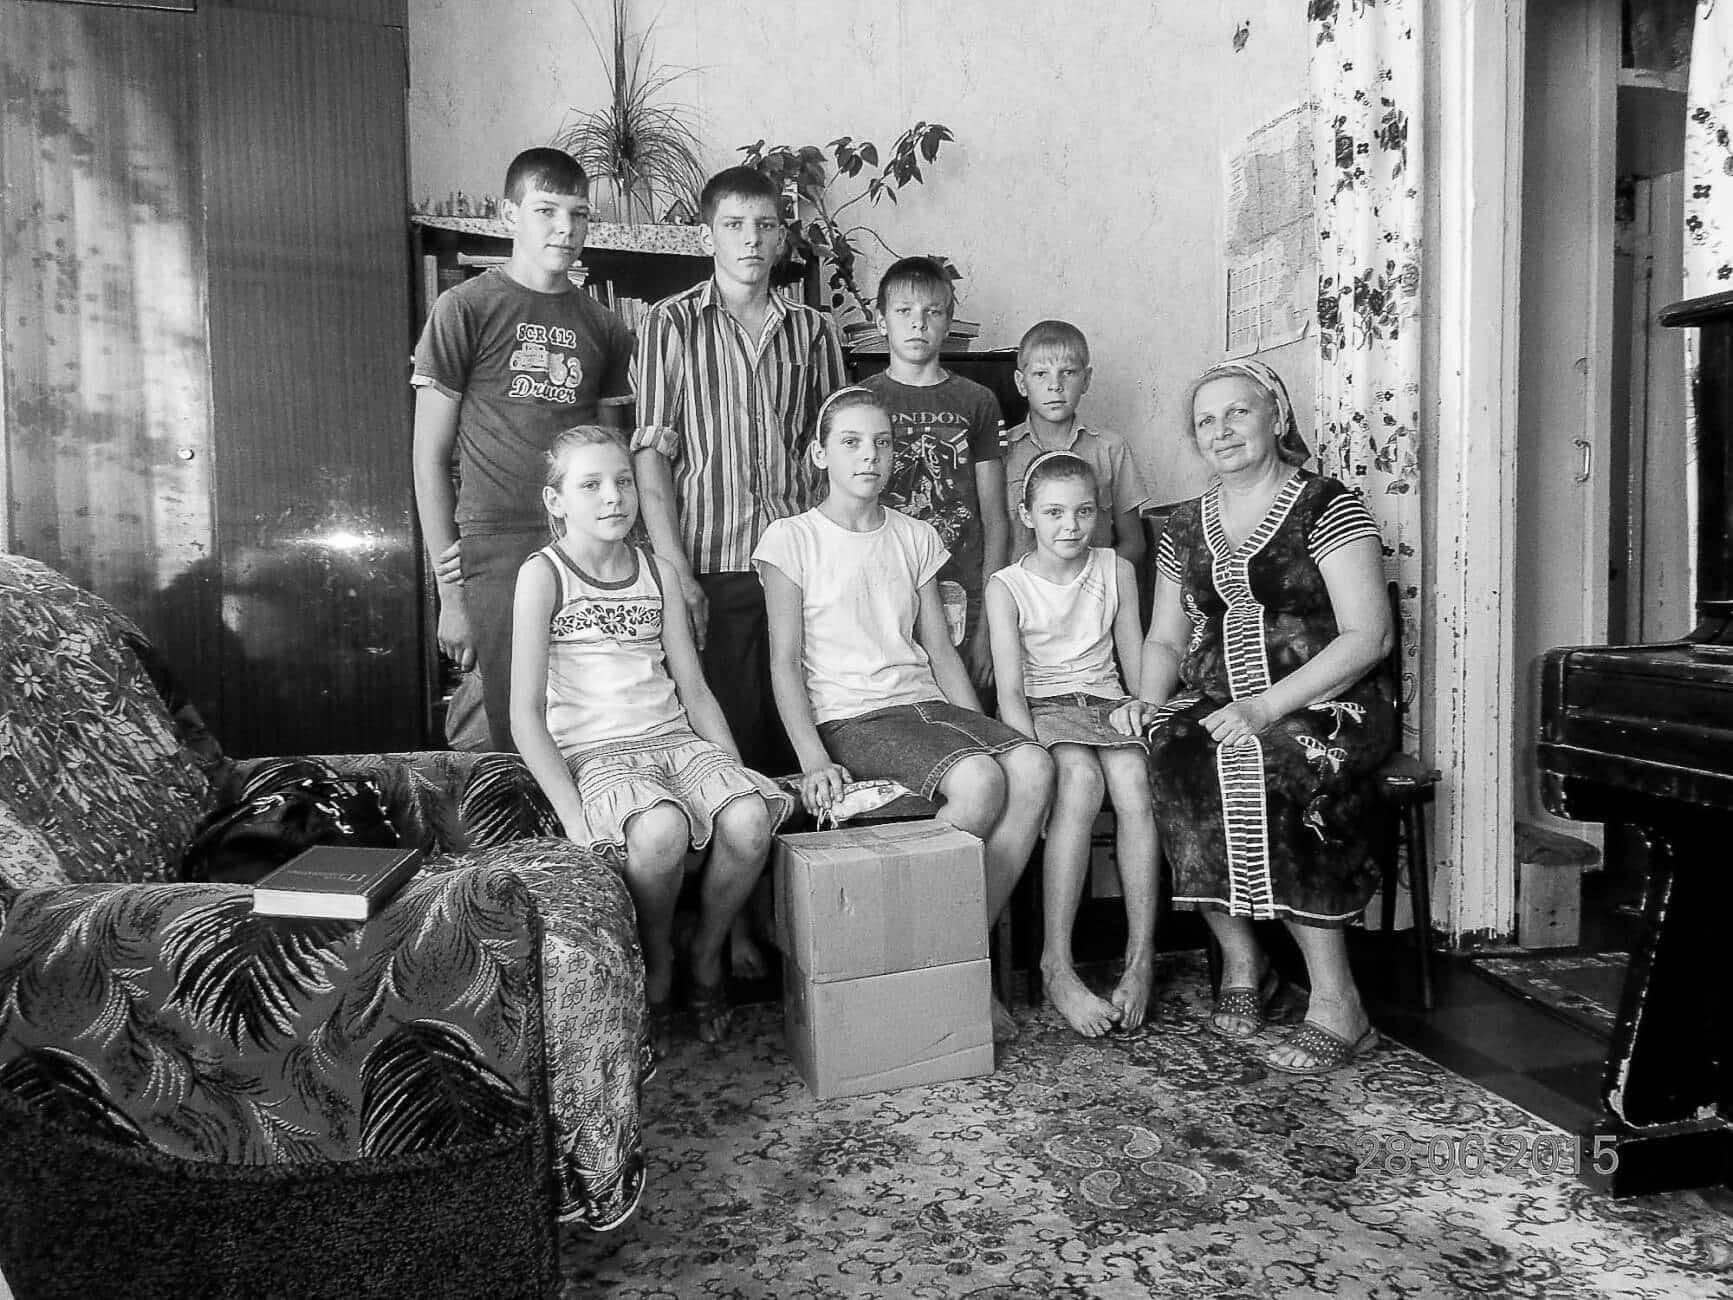 Witwe Redkina mit Kindern bekommen Lebensmittelpakete